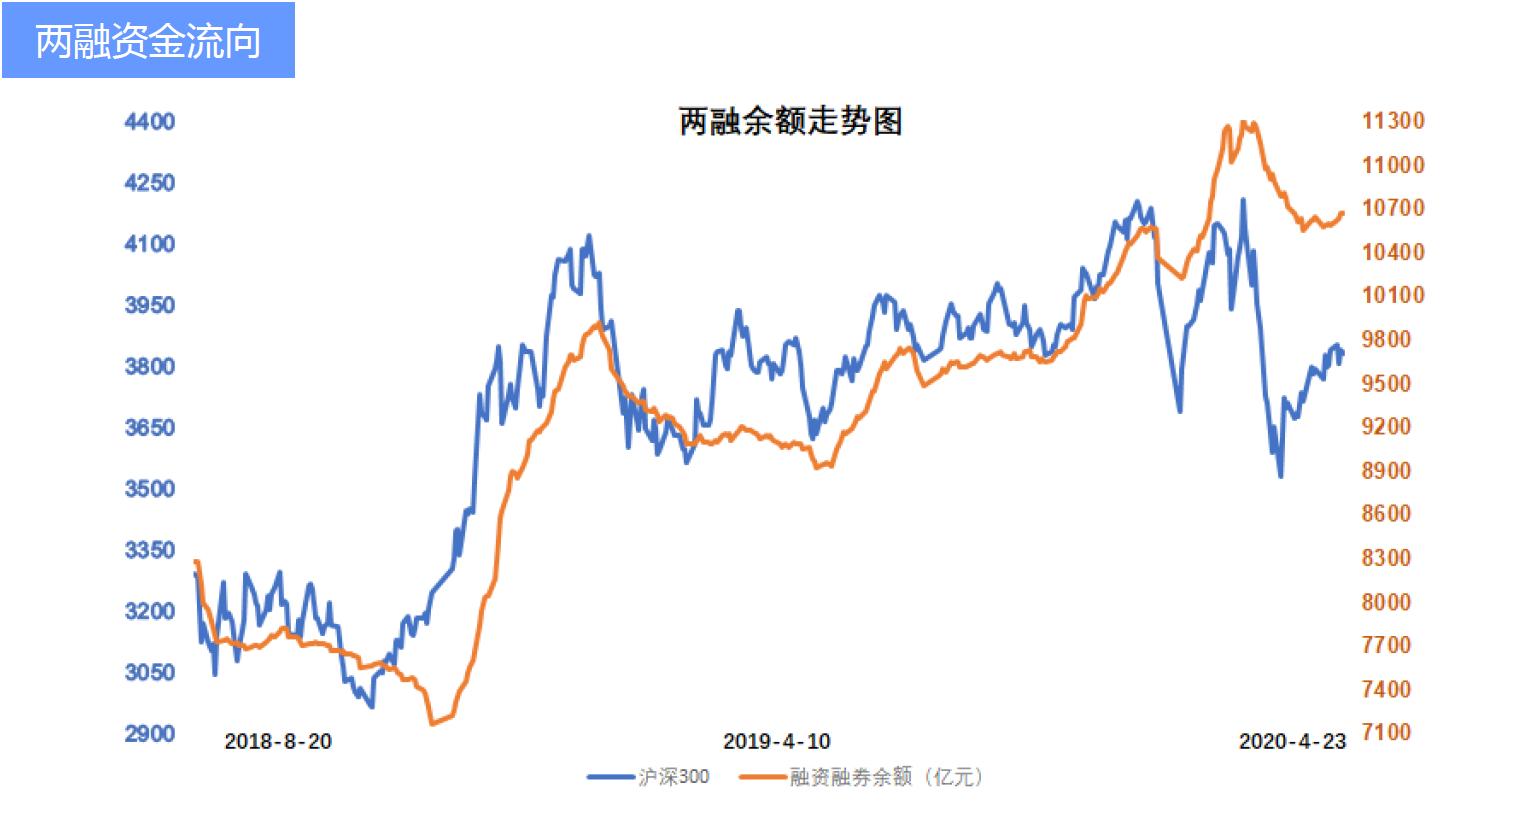 北向资金偏好观察:4月扭负为正 月内净流入近500亿